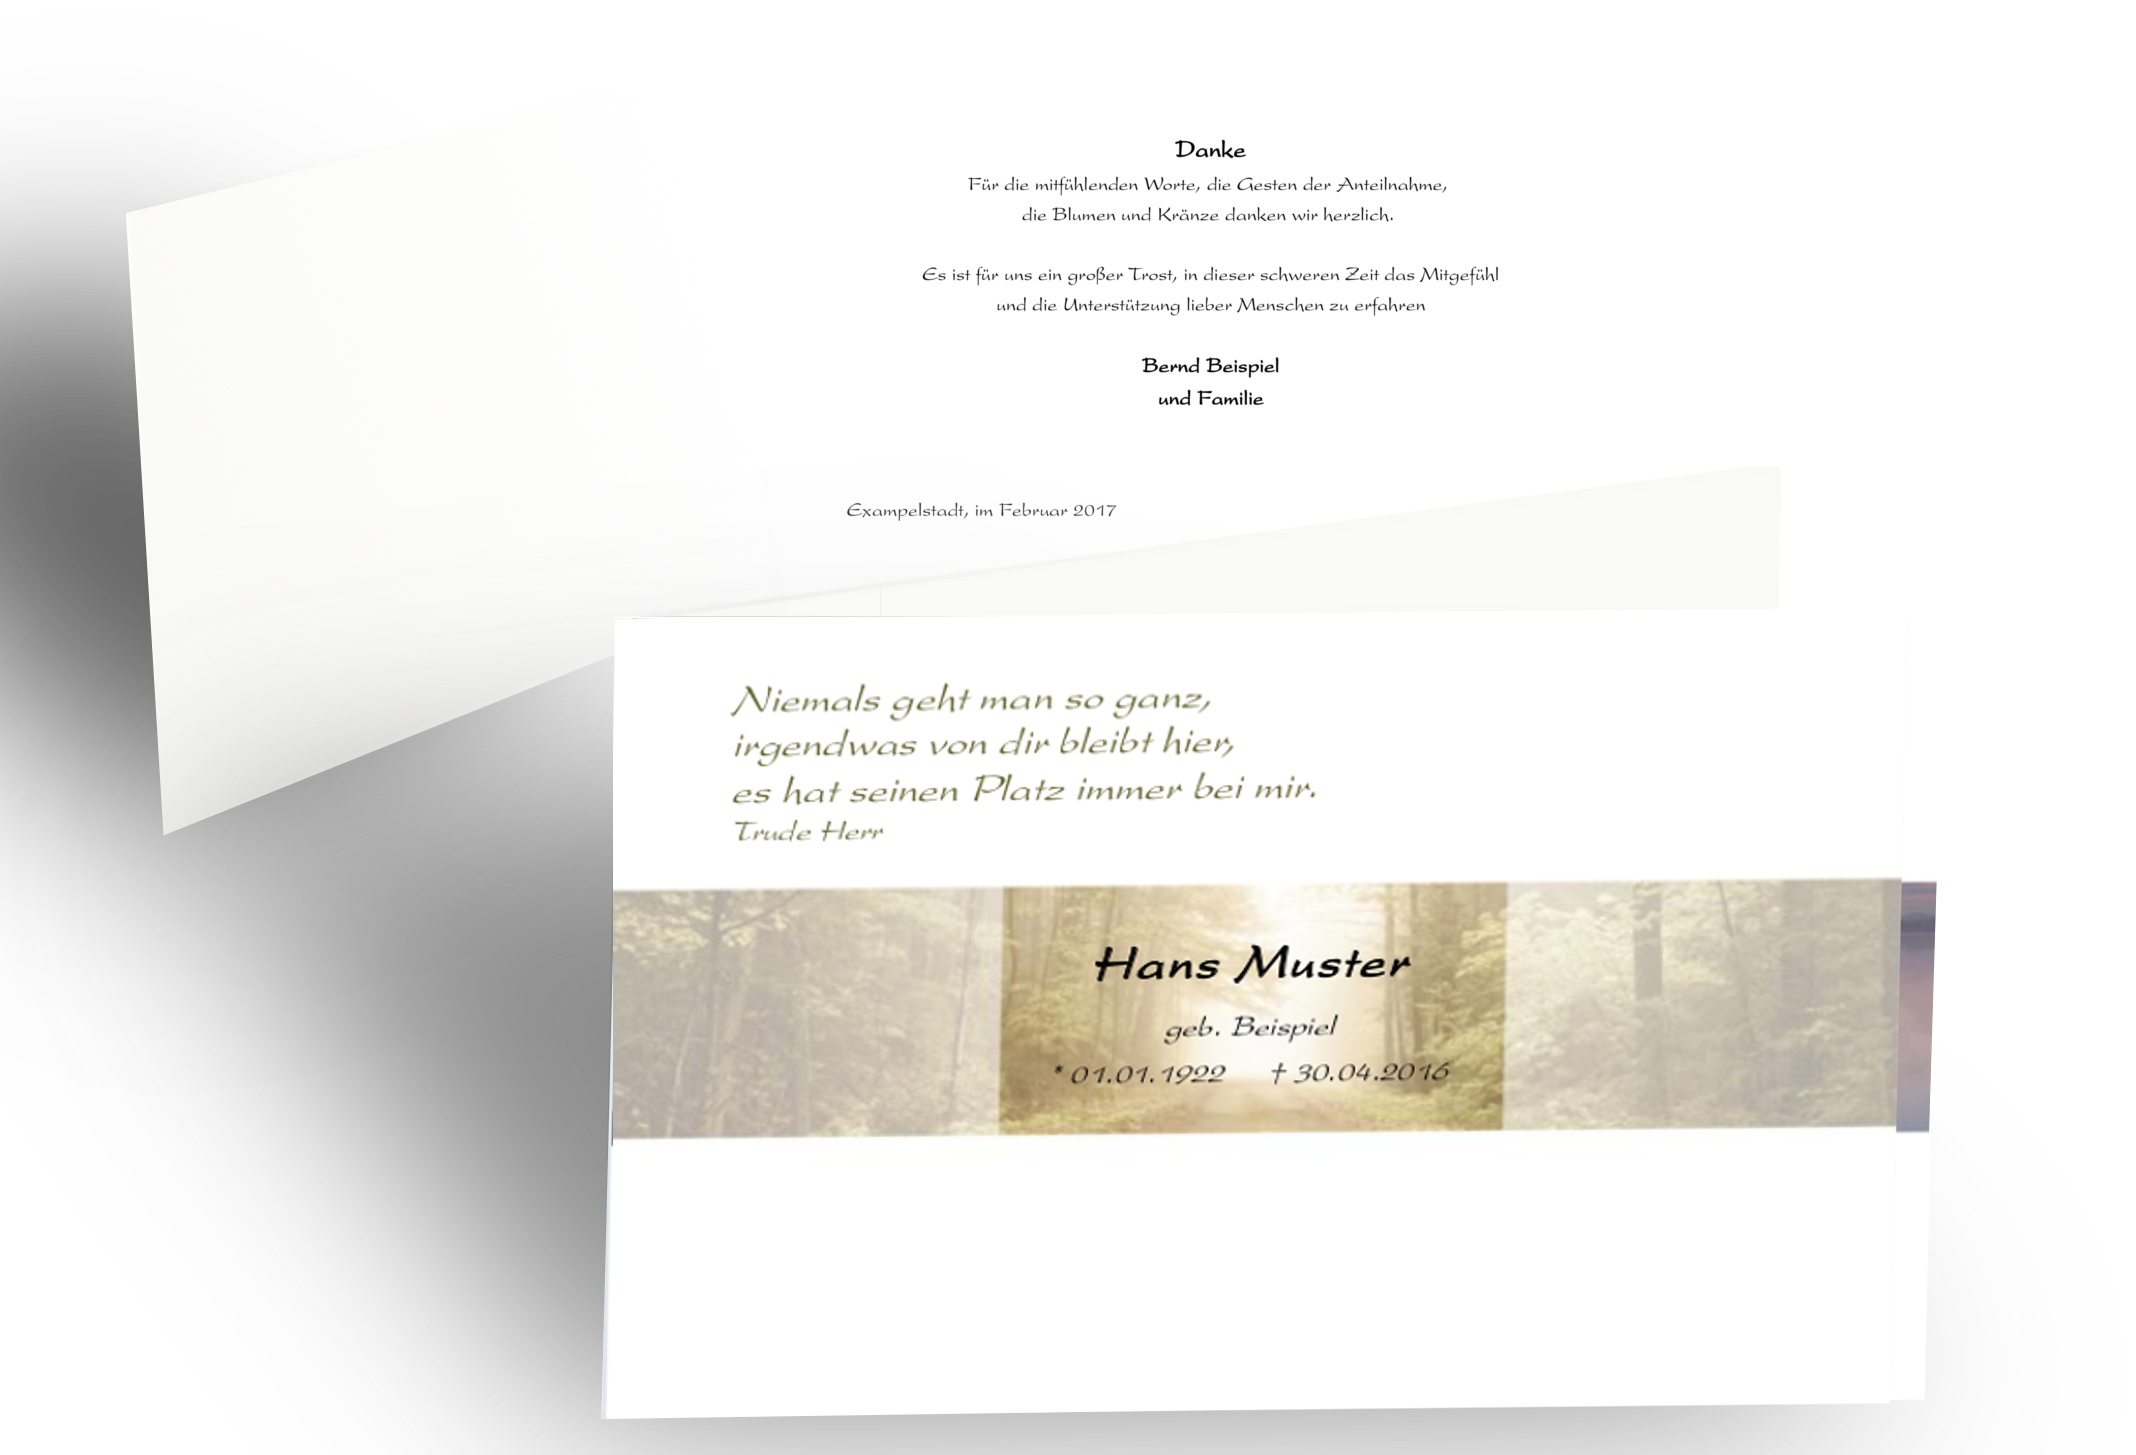 Moderne Trauer Danksagung Wald Natur Baum Doppelkarte Danke Sagen Trauerkarten Danksagung Danksagung Text